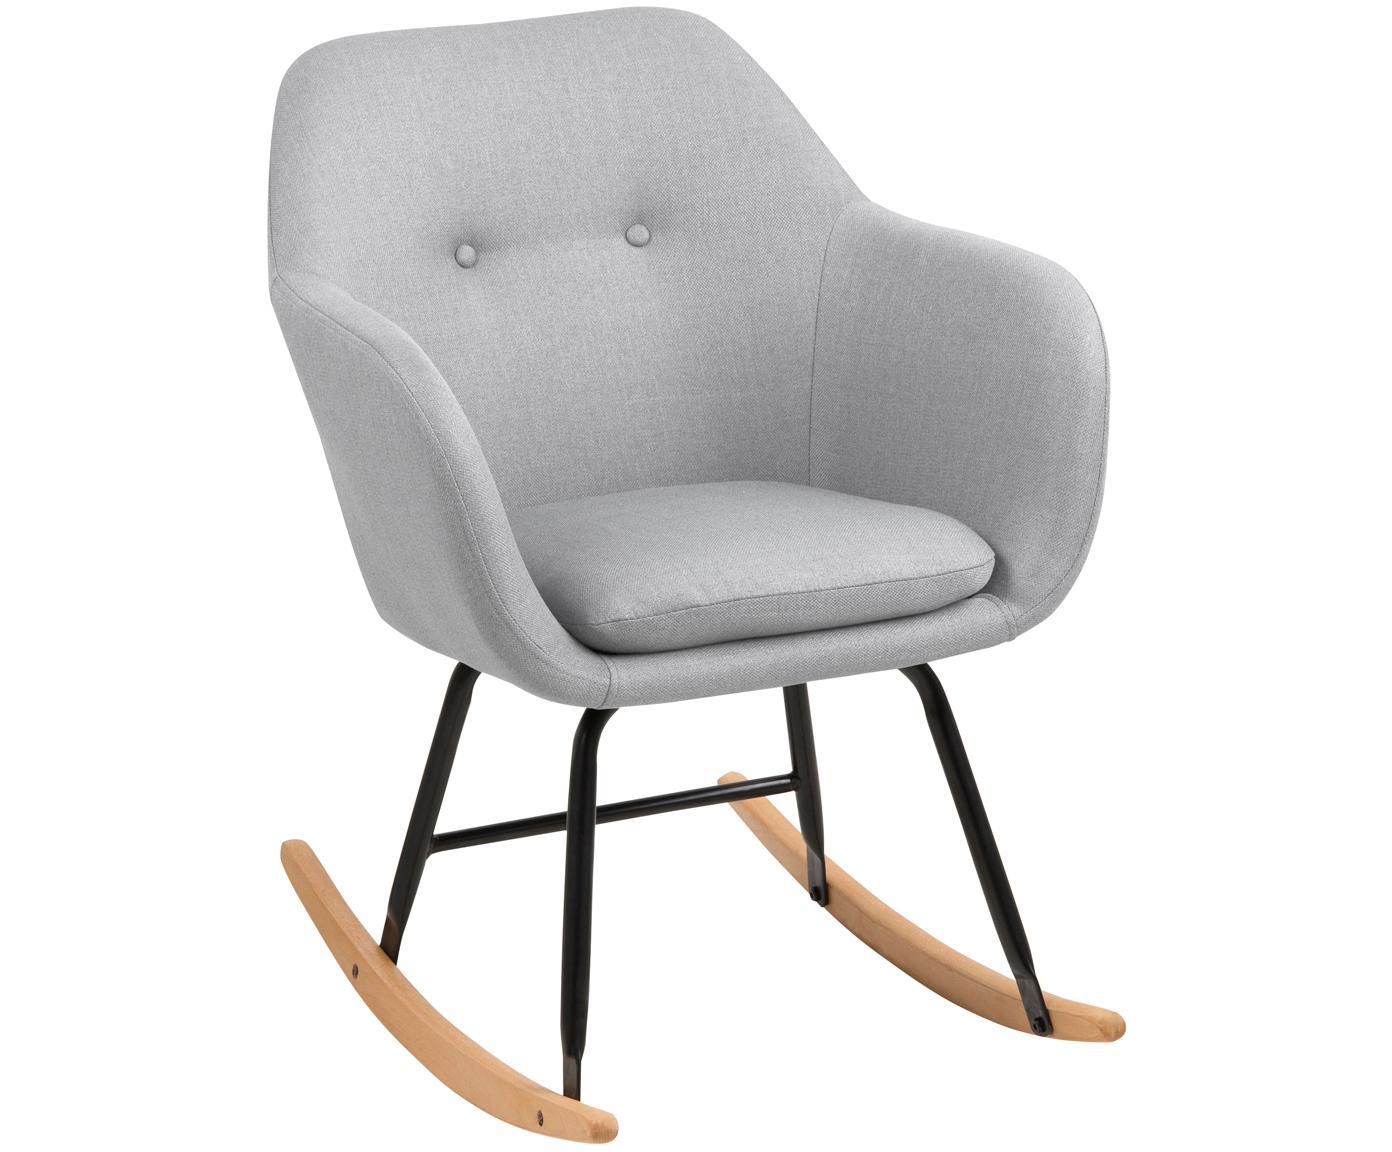 Fotel bujany  Emilia, Tapicerka: 90% poliester, 8% wiskoza, Nogi: metal malowany proszkowo, Tapicerka: jasny szary Nogi: czarny Płozy: drewno bukowe, S 57 x W 81 cm